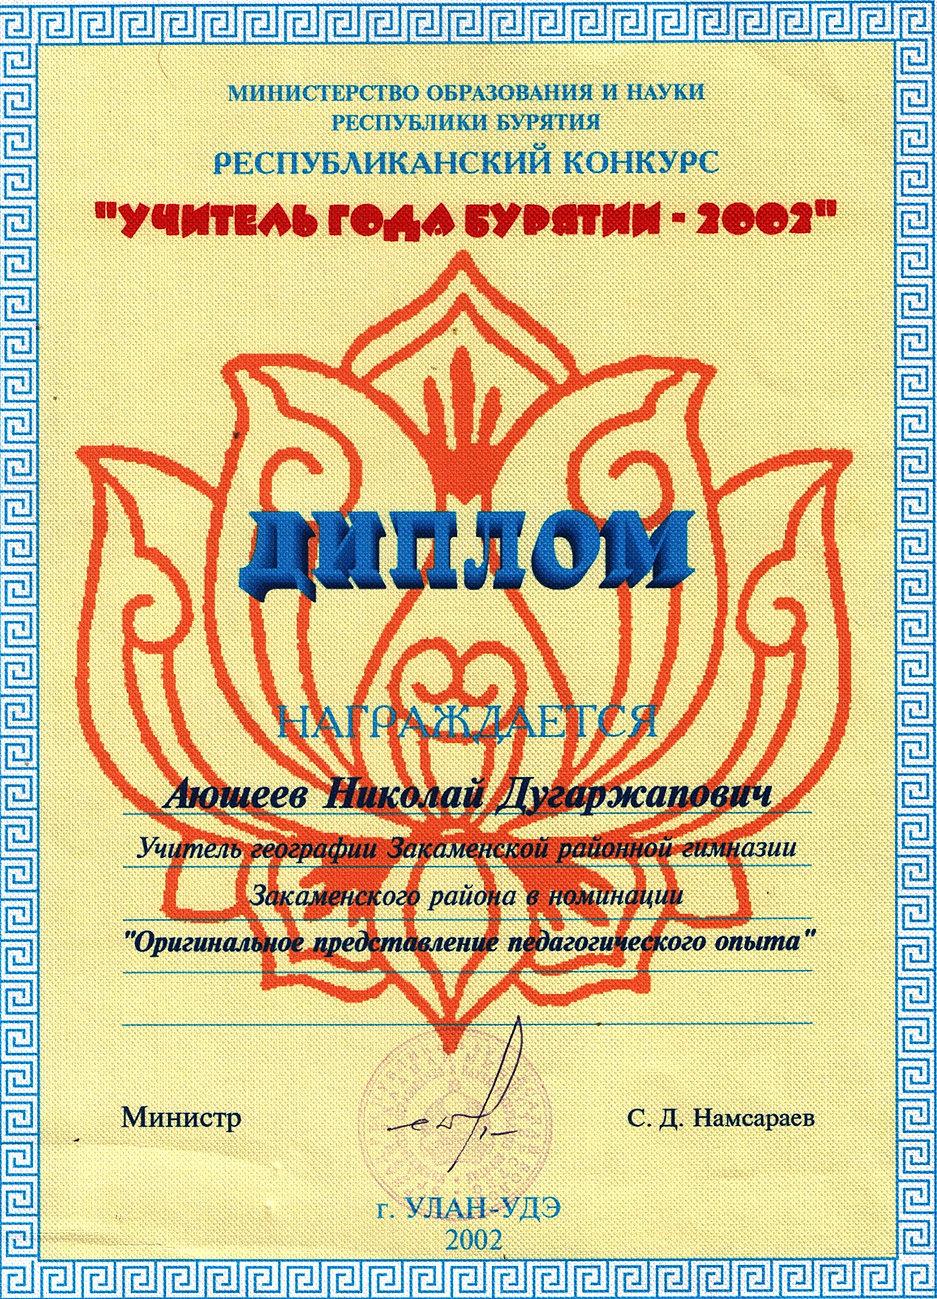 сайт учителя географии Аюшеева Николая Дугаржаповича ДИПЛОМЫ  ДИПЛОМЫ diplomaug 2002